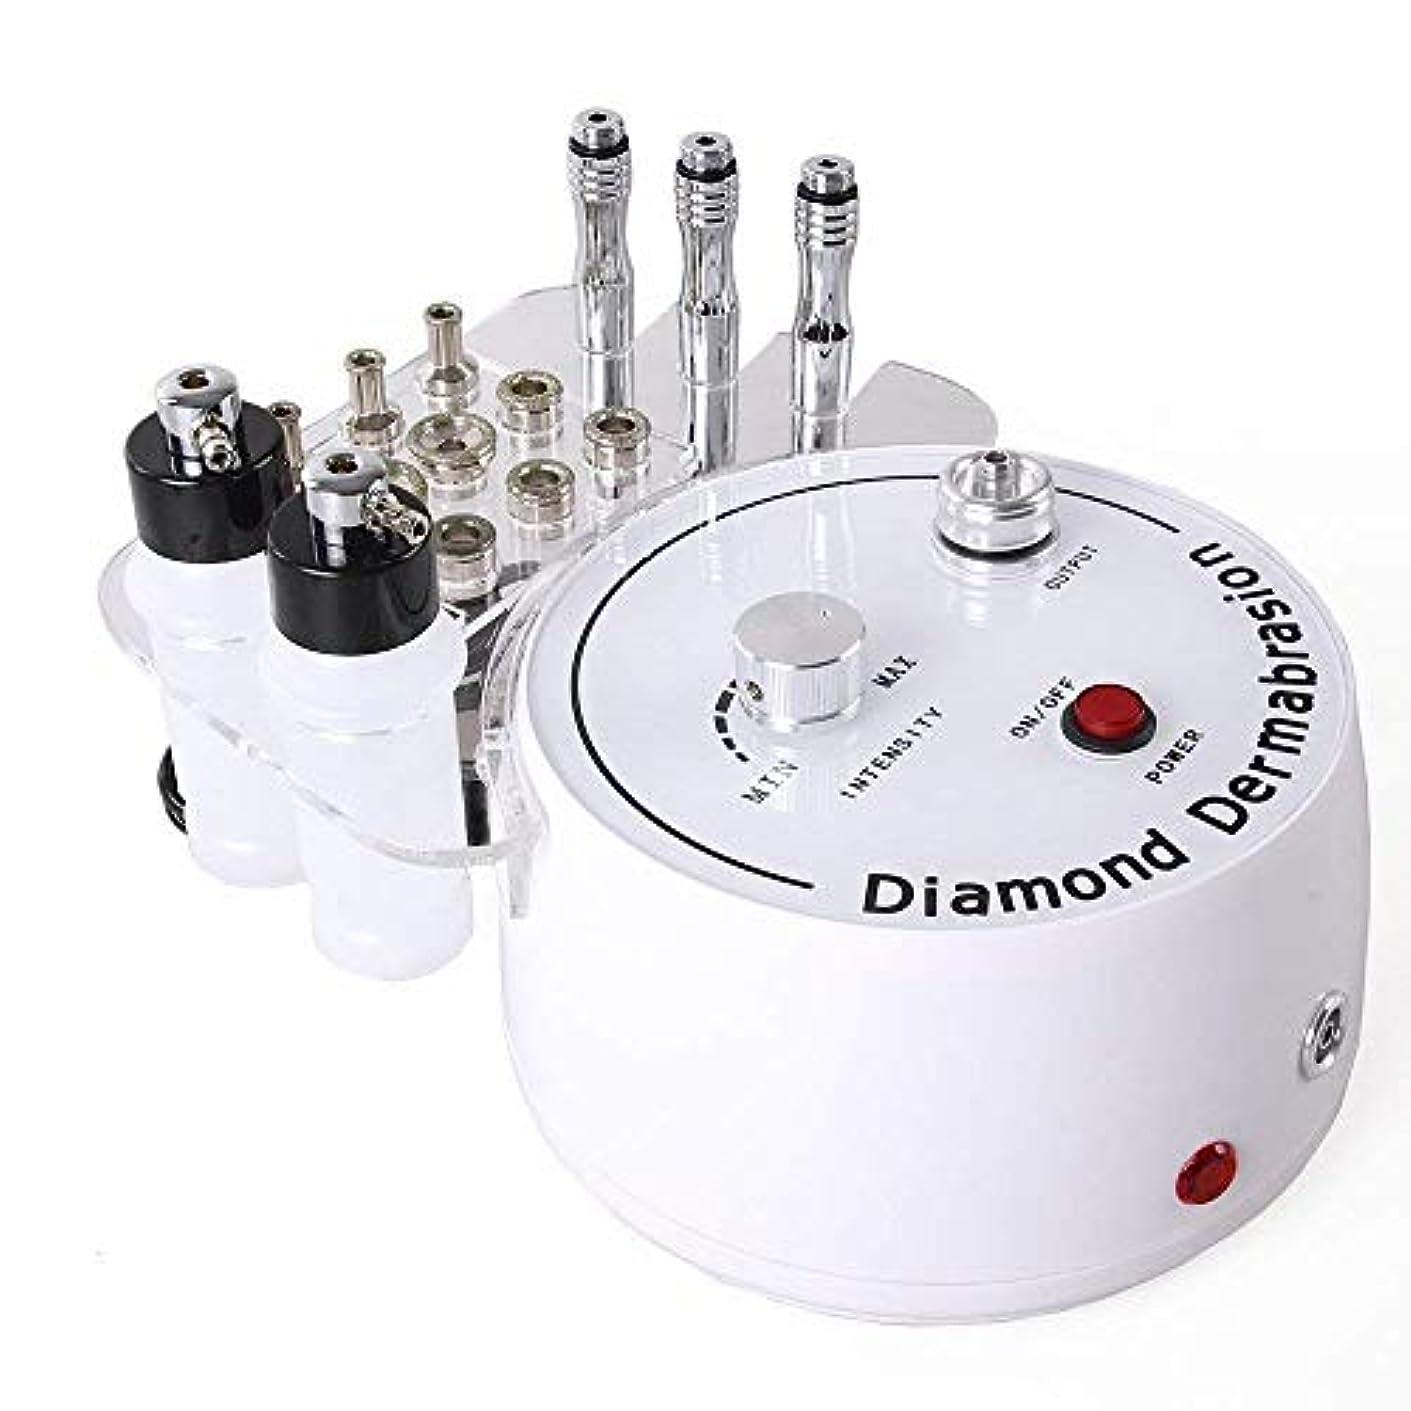 リゾートダンスアサー3 in 1ダイヤモンドマイクロダーマブレーションマシン、プロフェッショナルダイヤモンドダーマブレーションマシンパーソナルケア用のフェイシャルケアサロン機器、チップとワンド付き